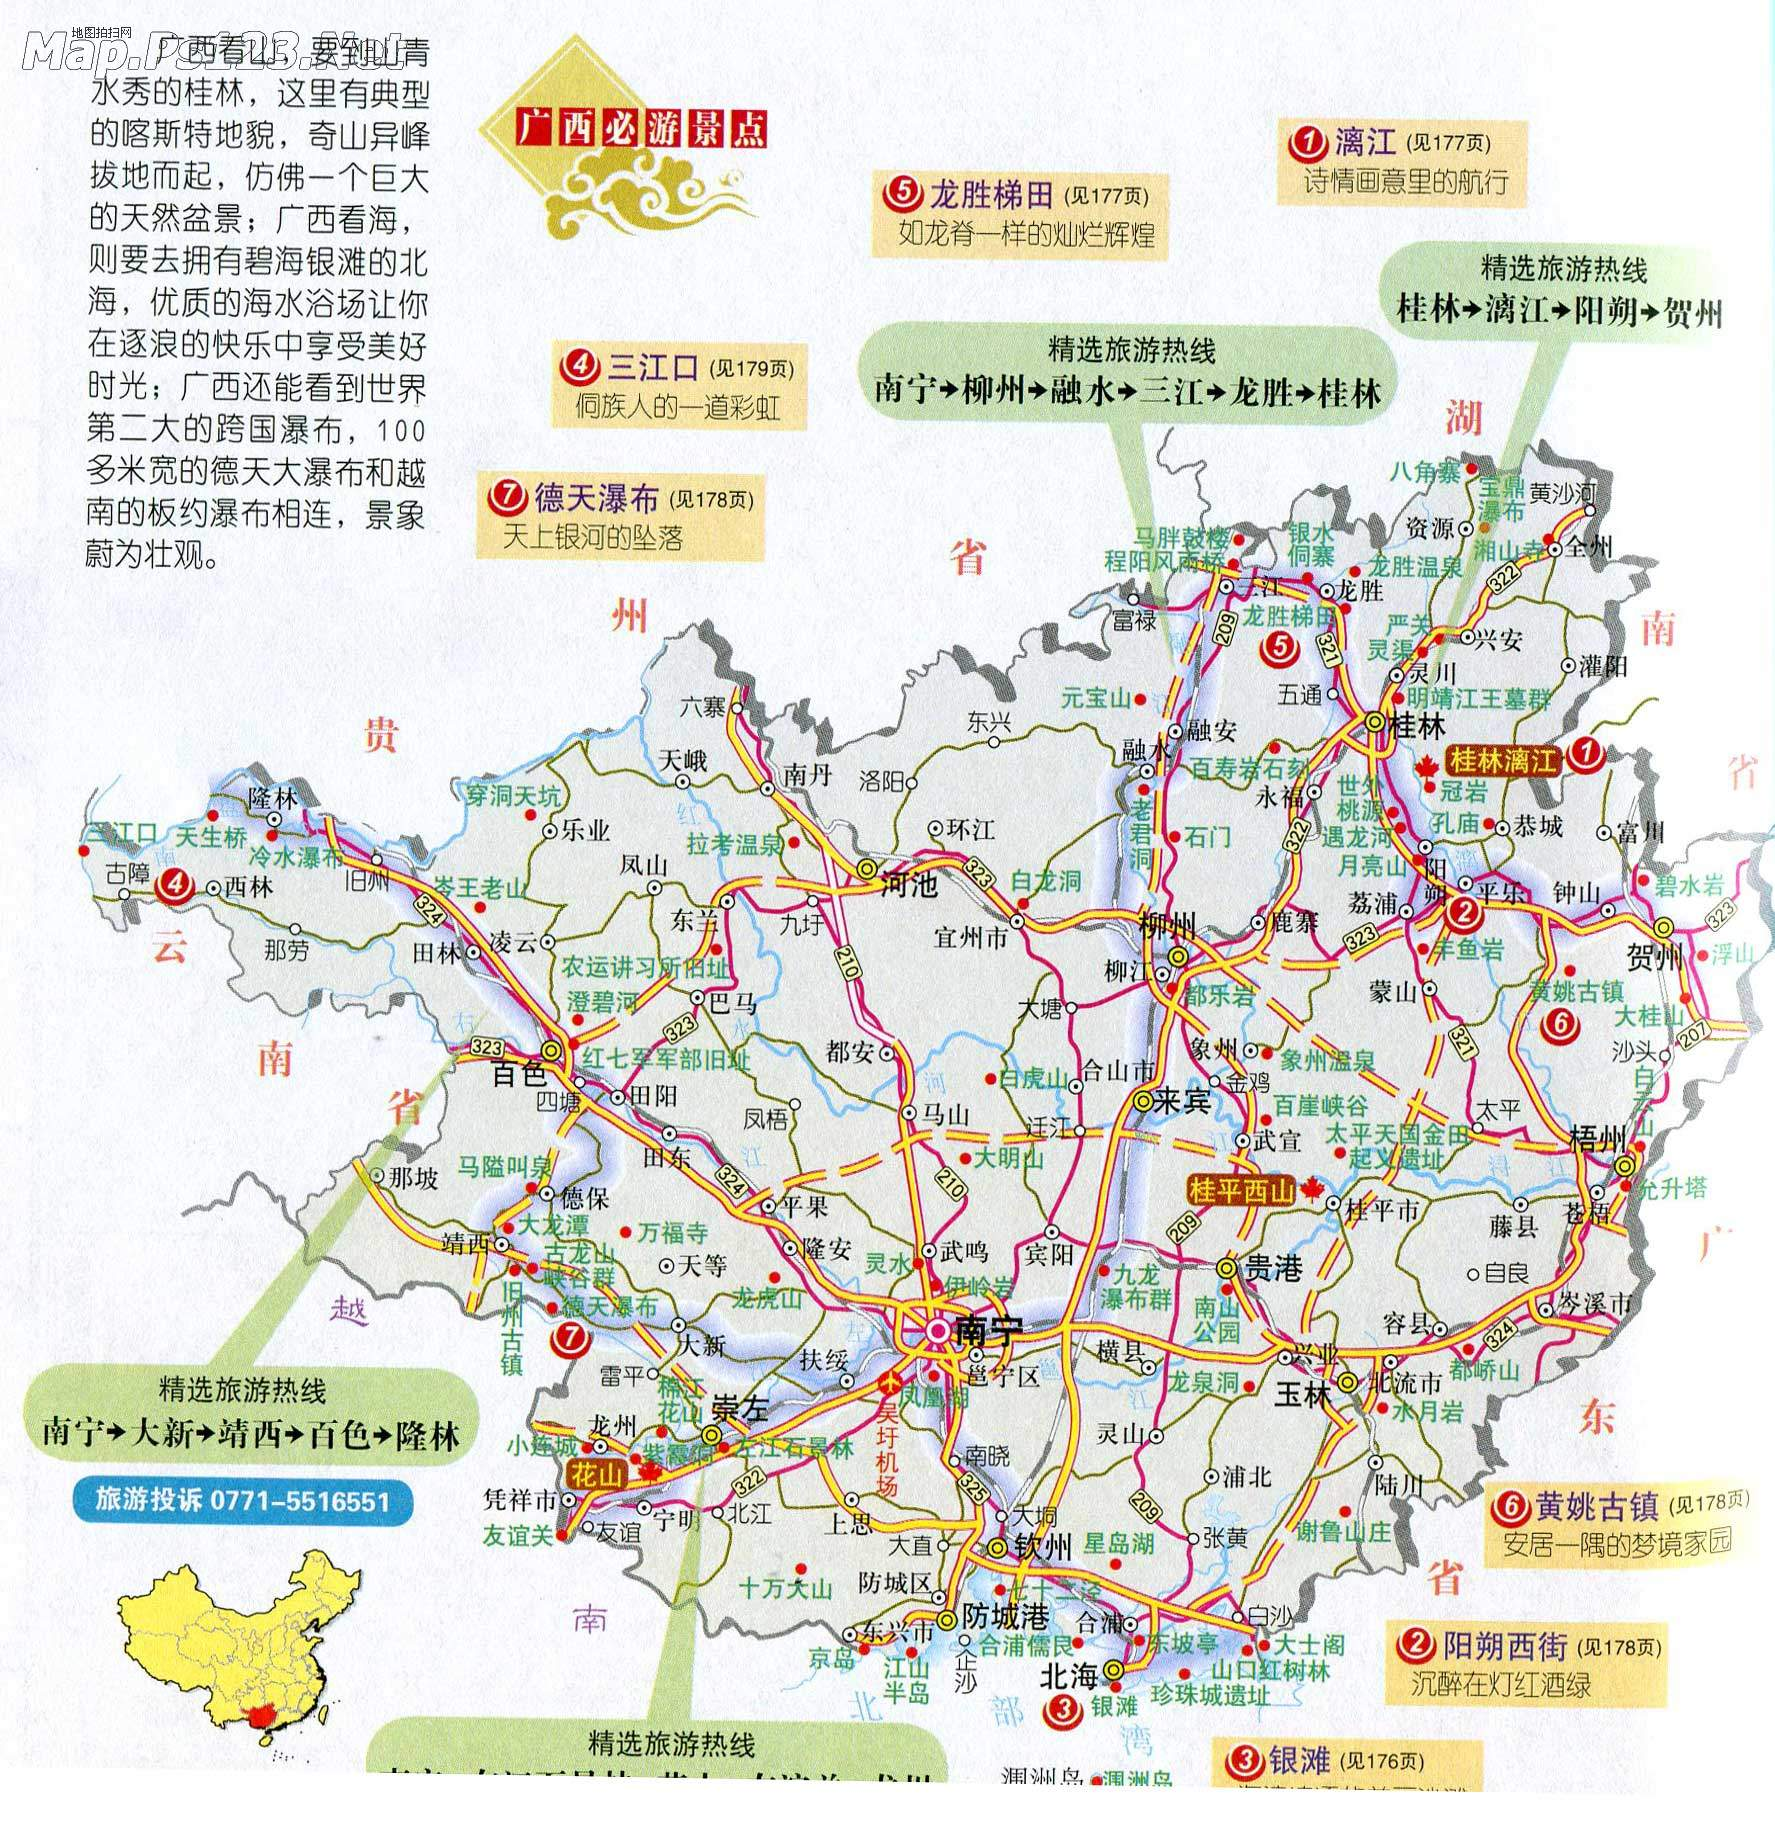 广西旅游地图(必游景点)